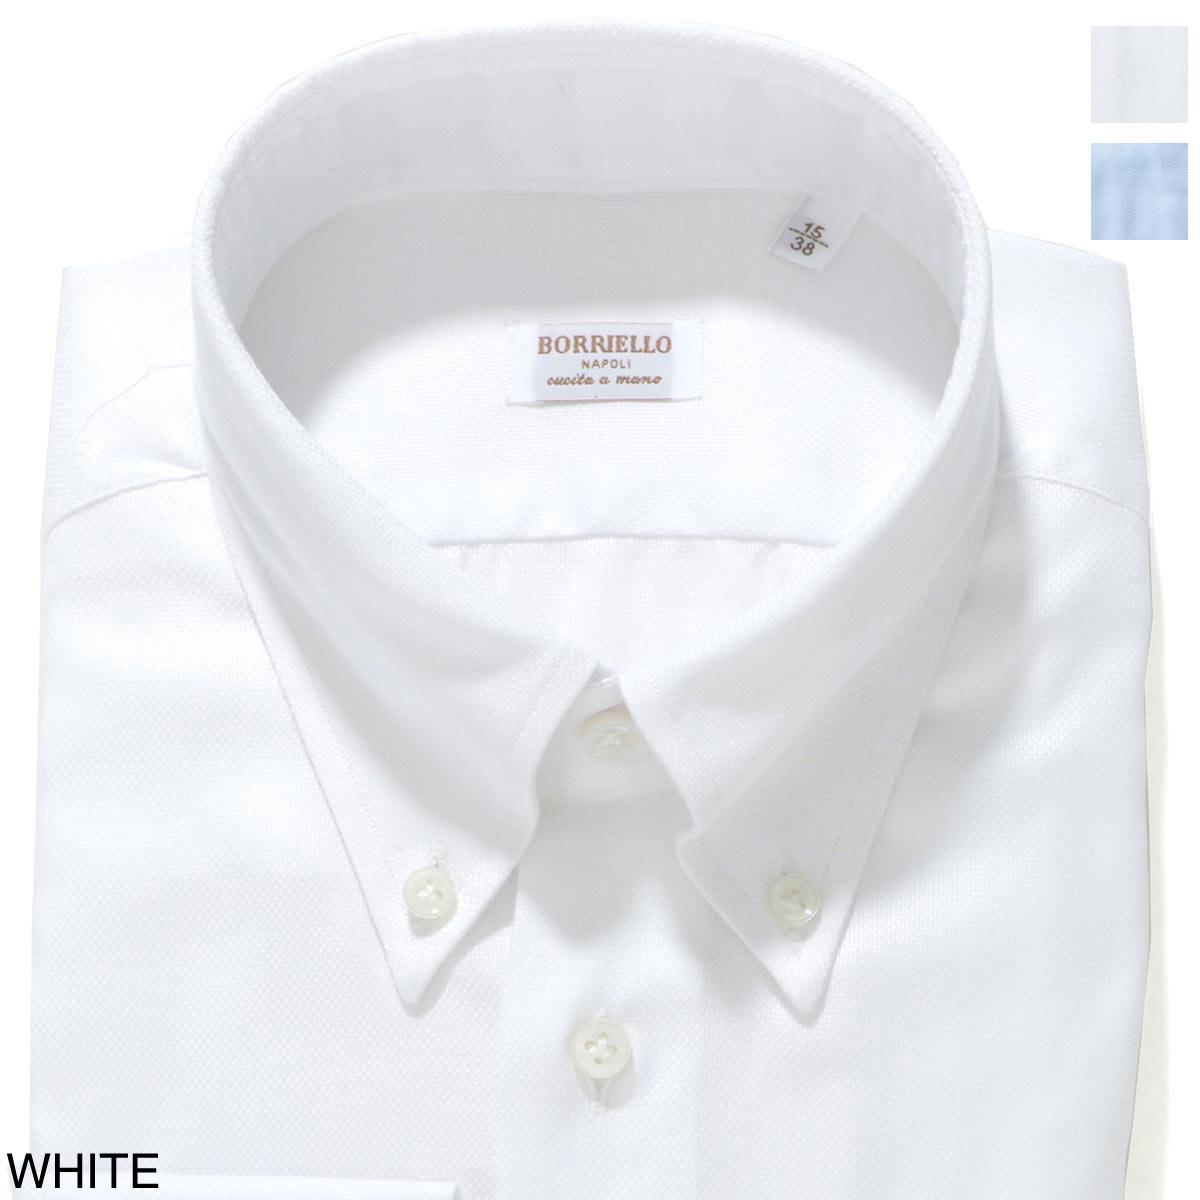 ボリエッロ BORRIELLO ボタンダウン シャツ メンズ ビジネス カジュアル インナー 大きいサイズあり c1 9006 1 C1 9006【あす楽対応_関東】【返品送料無料】【ラッピング無料】